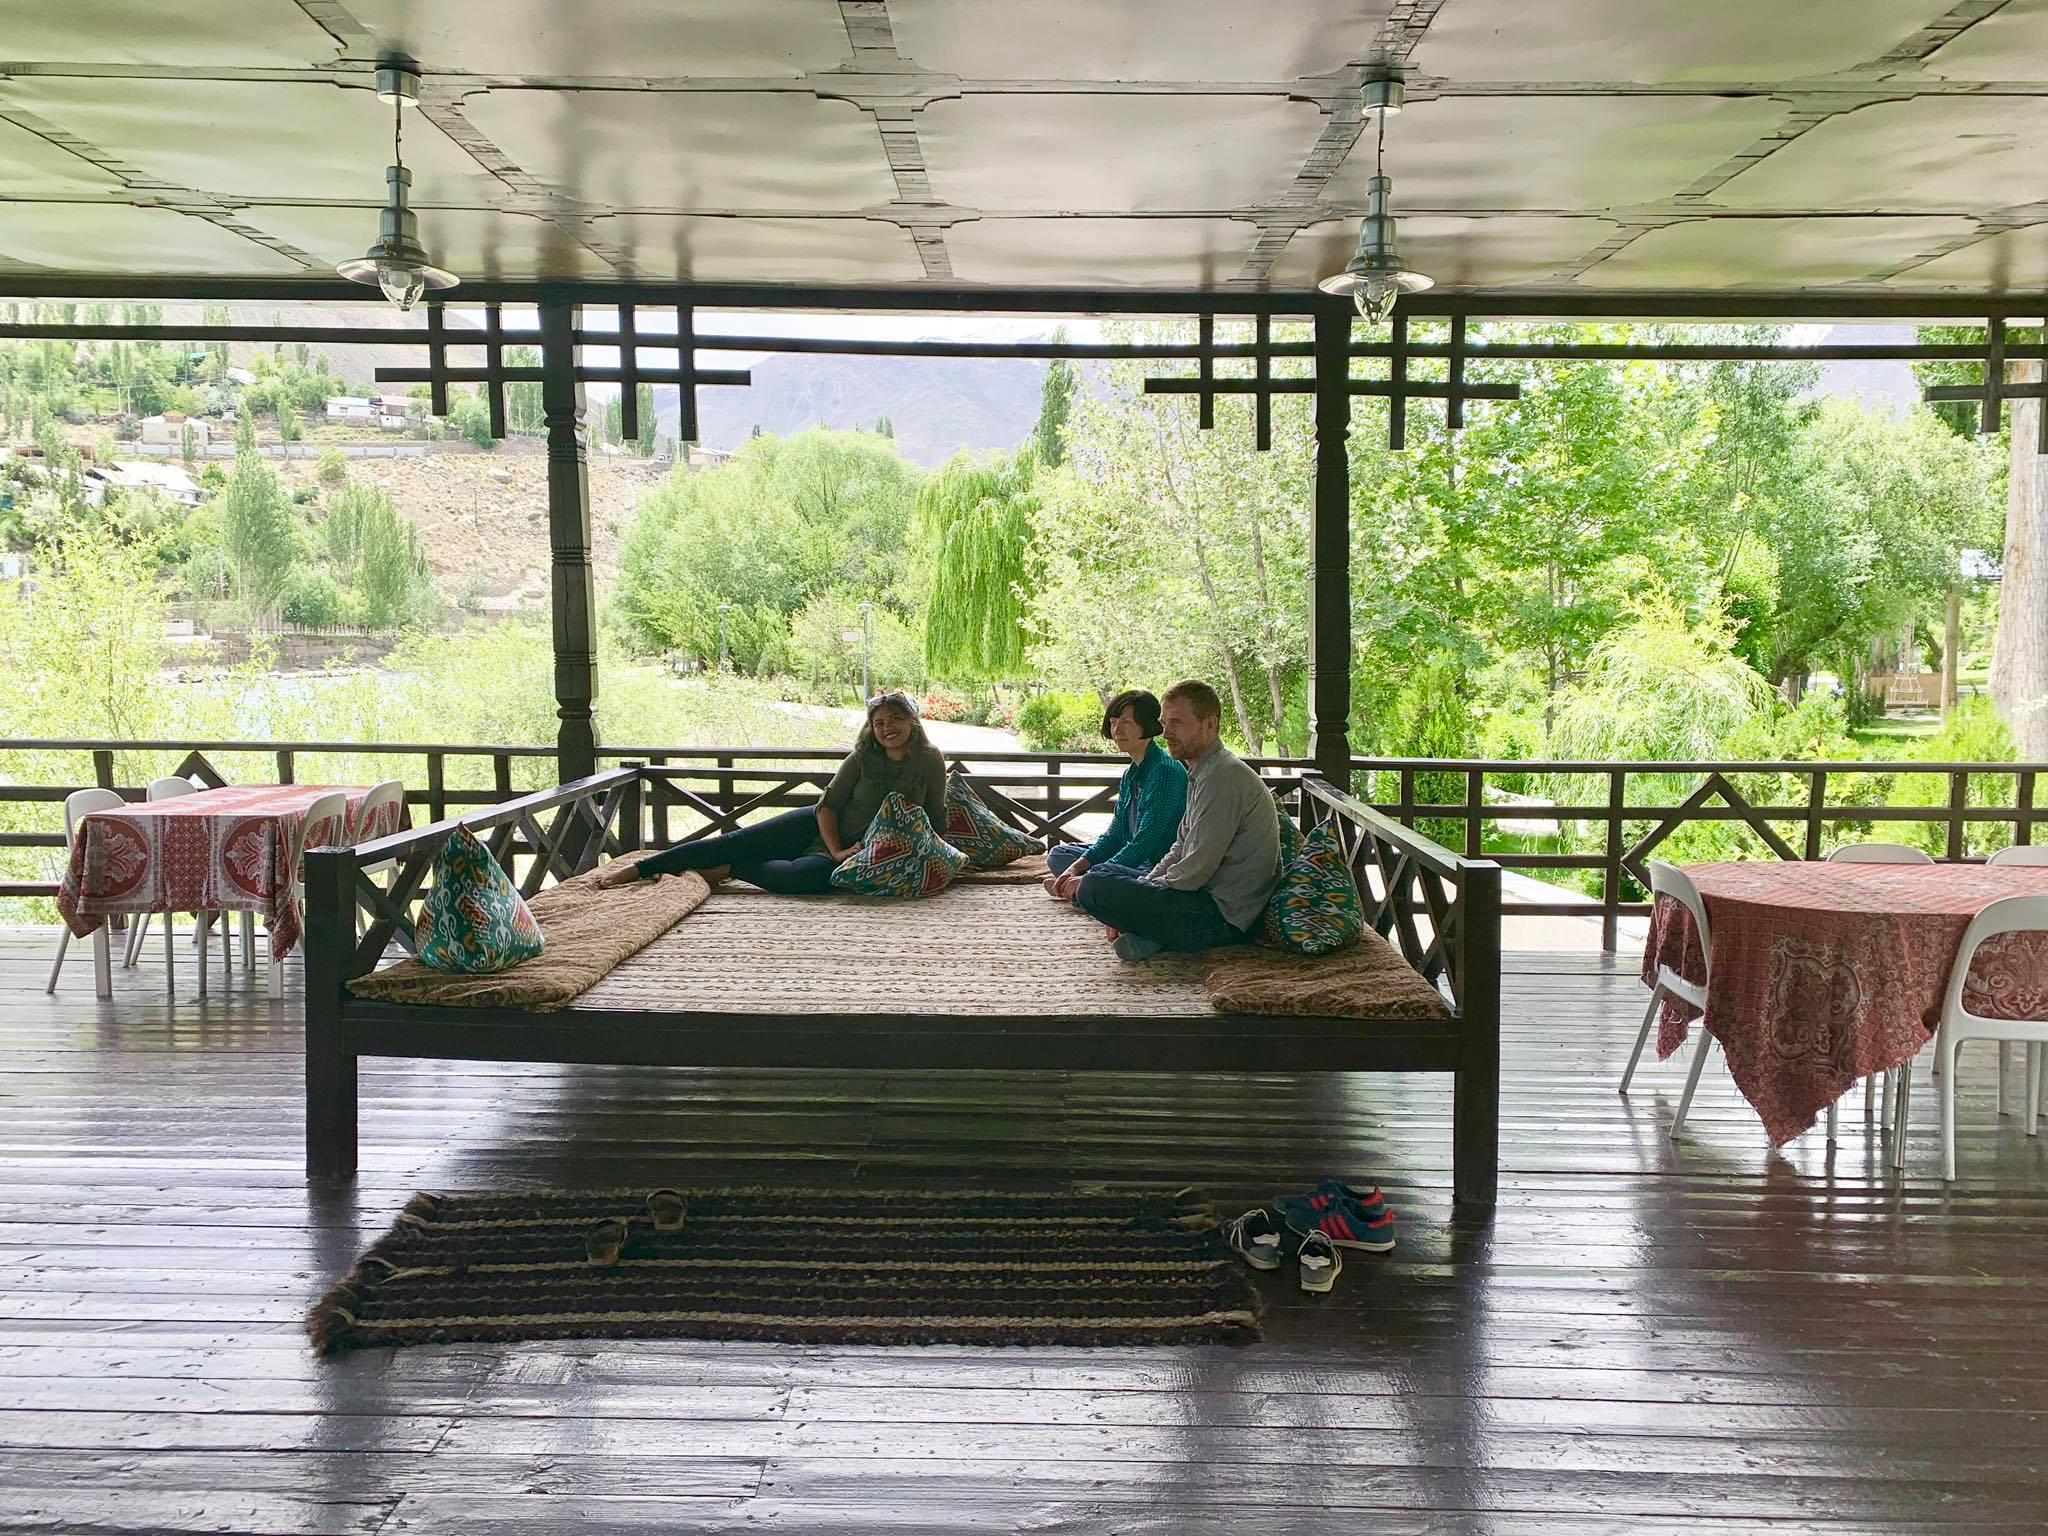 Kach Solo Travels in 2019 Pamir Highway Trip in Tajikistan17.jpg